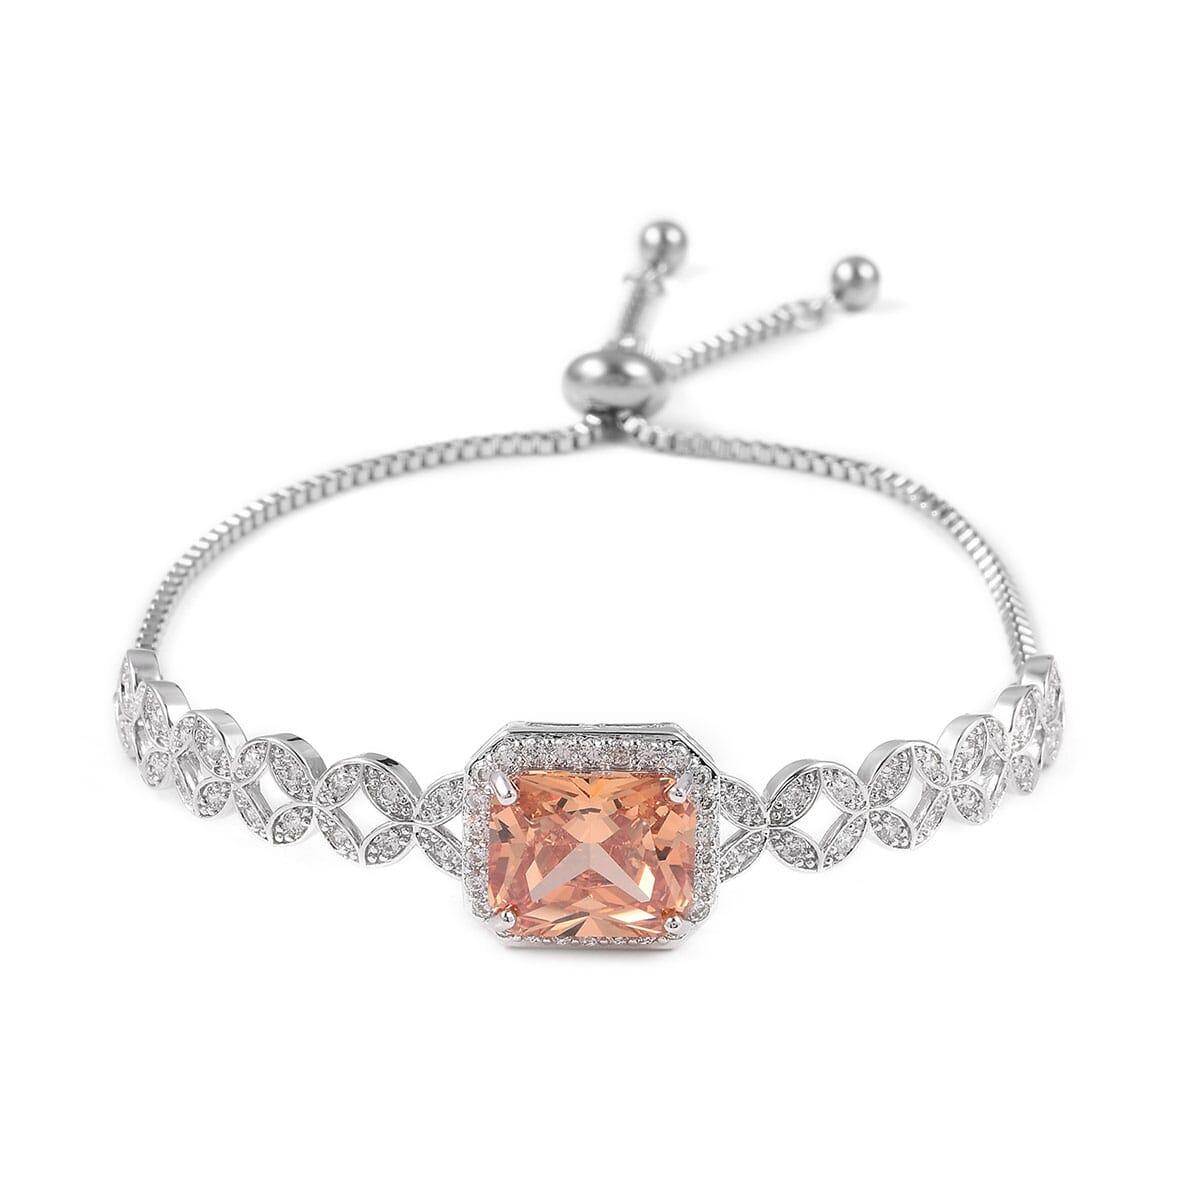 12-Color-Options-Cubic-Zirconia-Bracelet-Chain-Pendant-Necklace-Set-Adjustable thumbnail 20